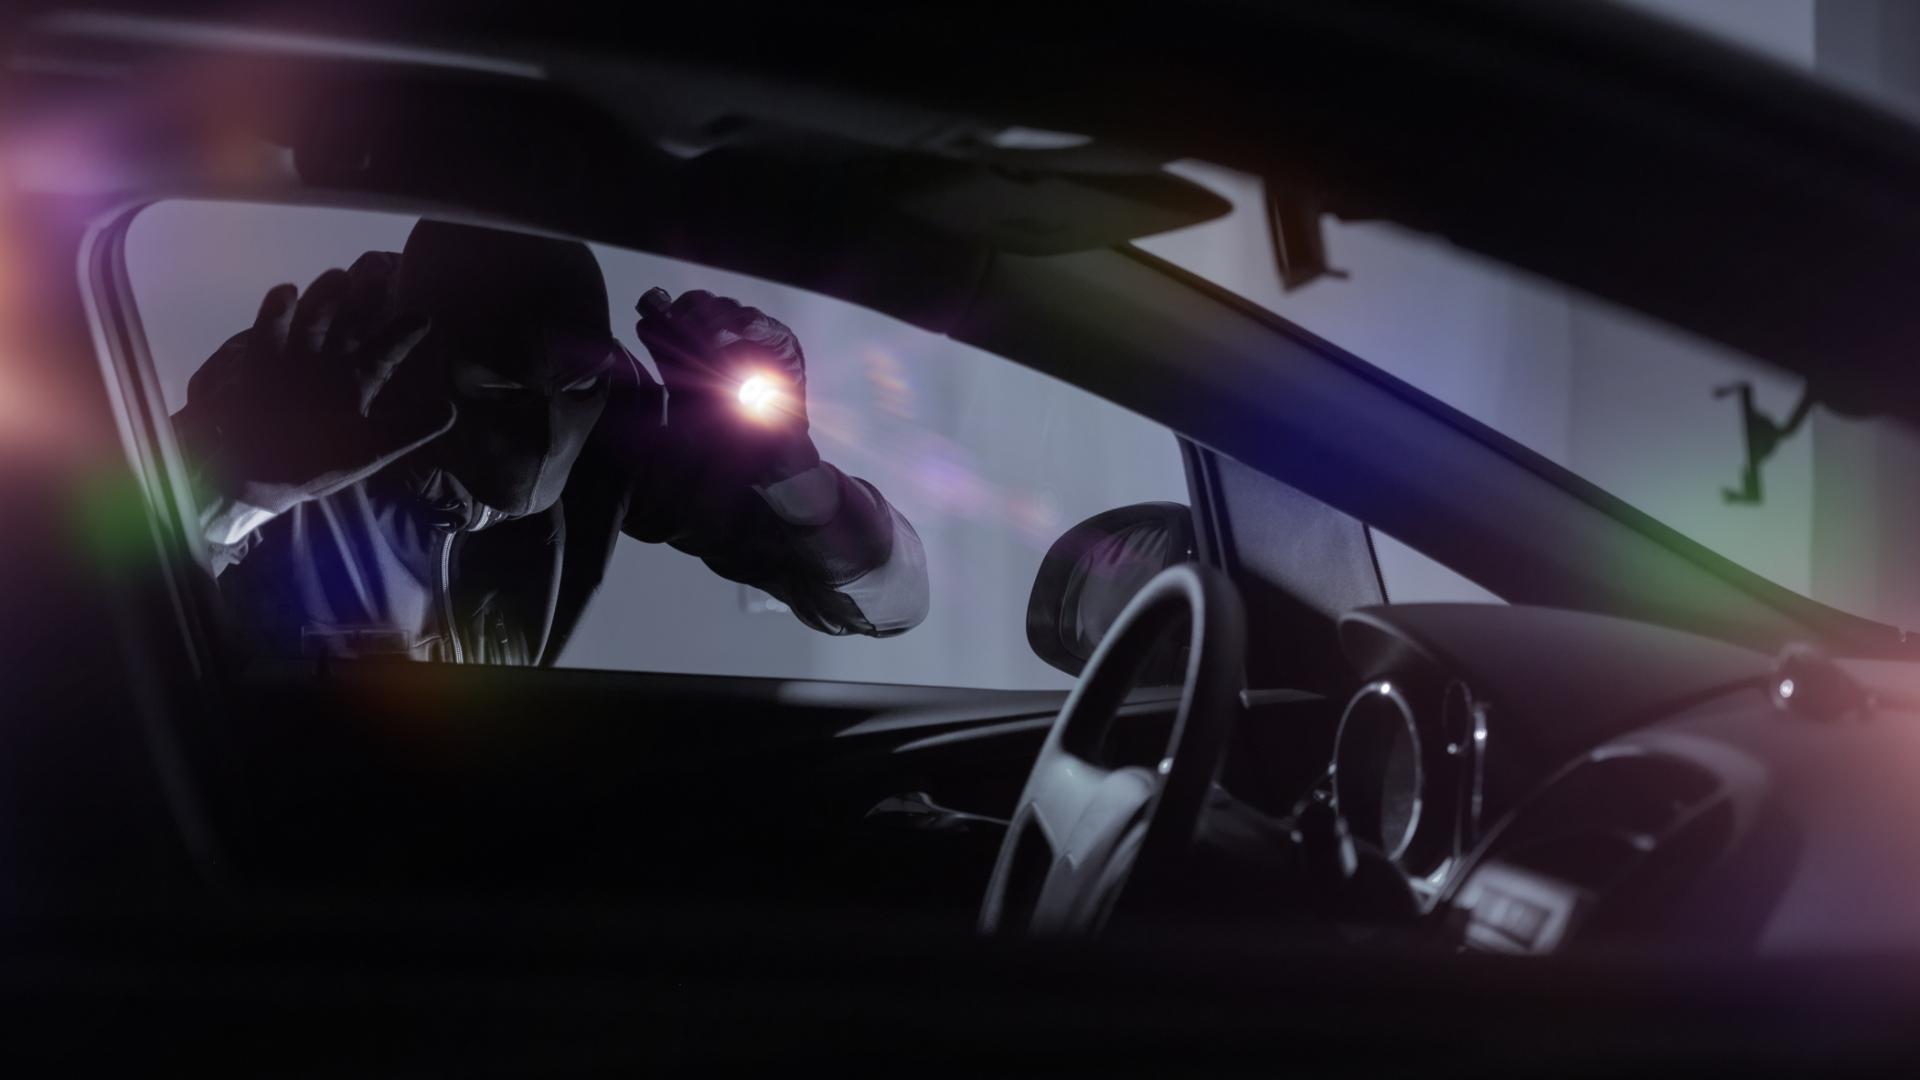 Злочин і покарання: угони автомобілів у різних країнах